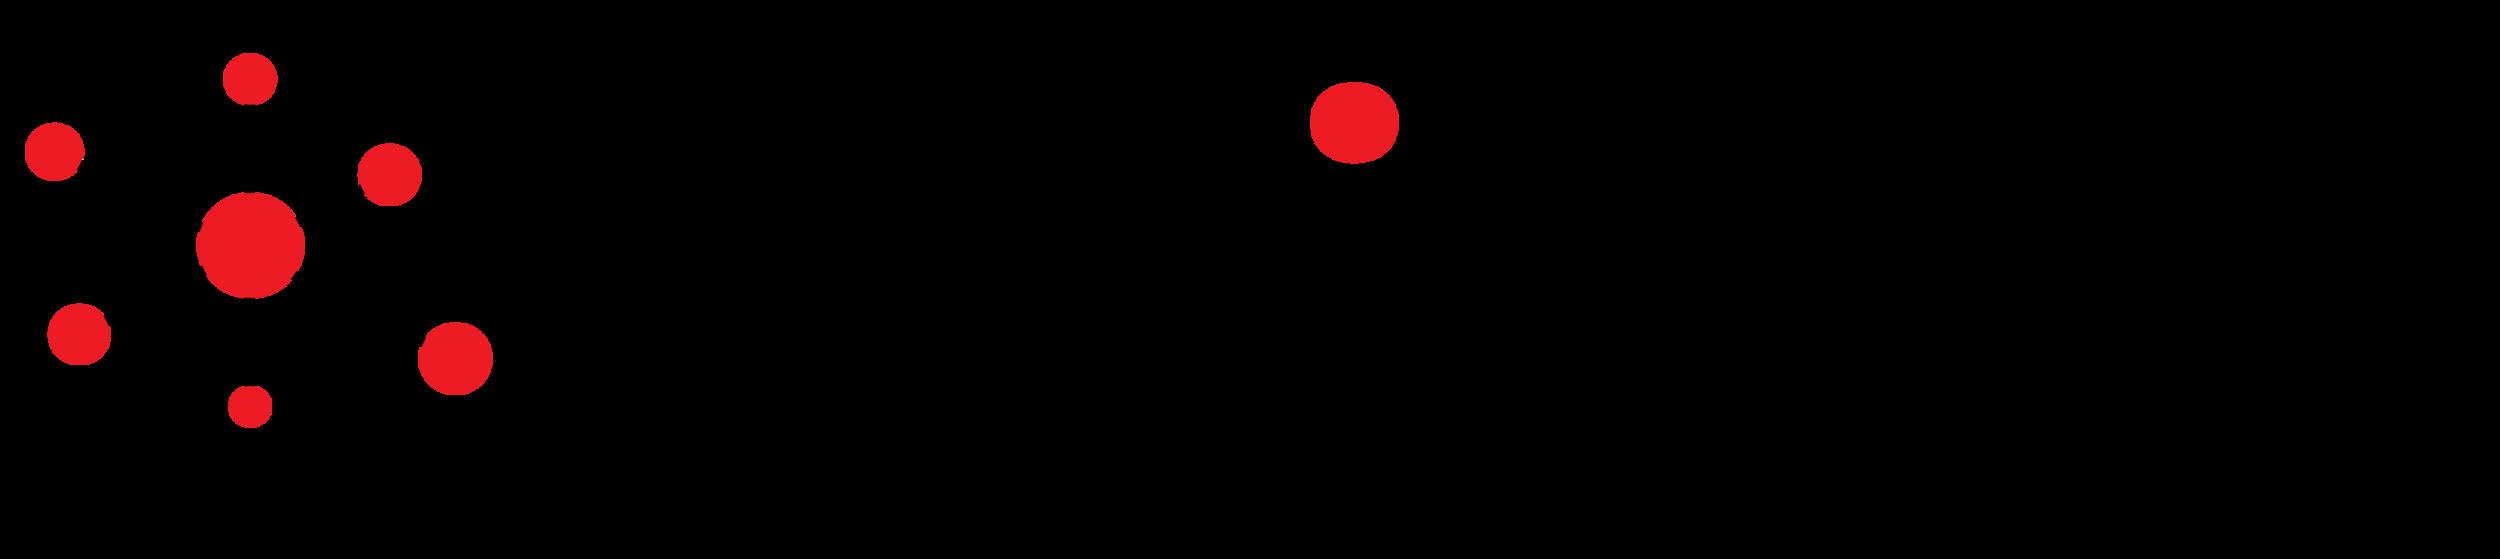 Poligage_Poligage Logo.png